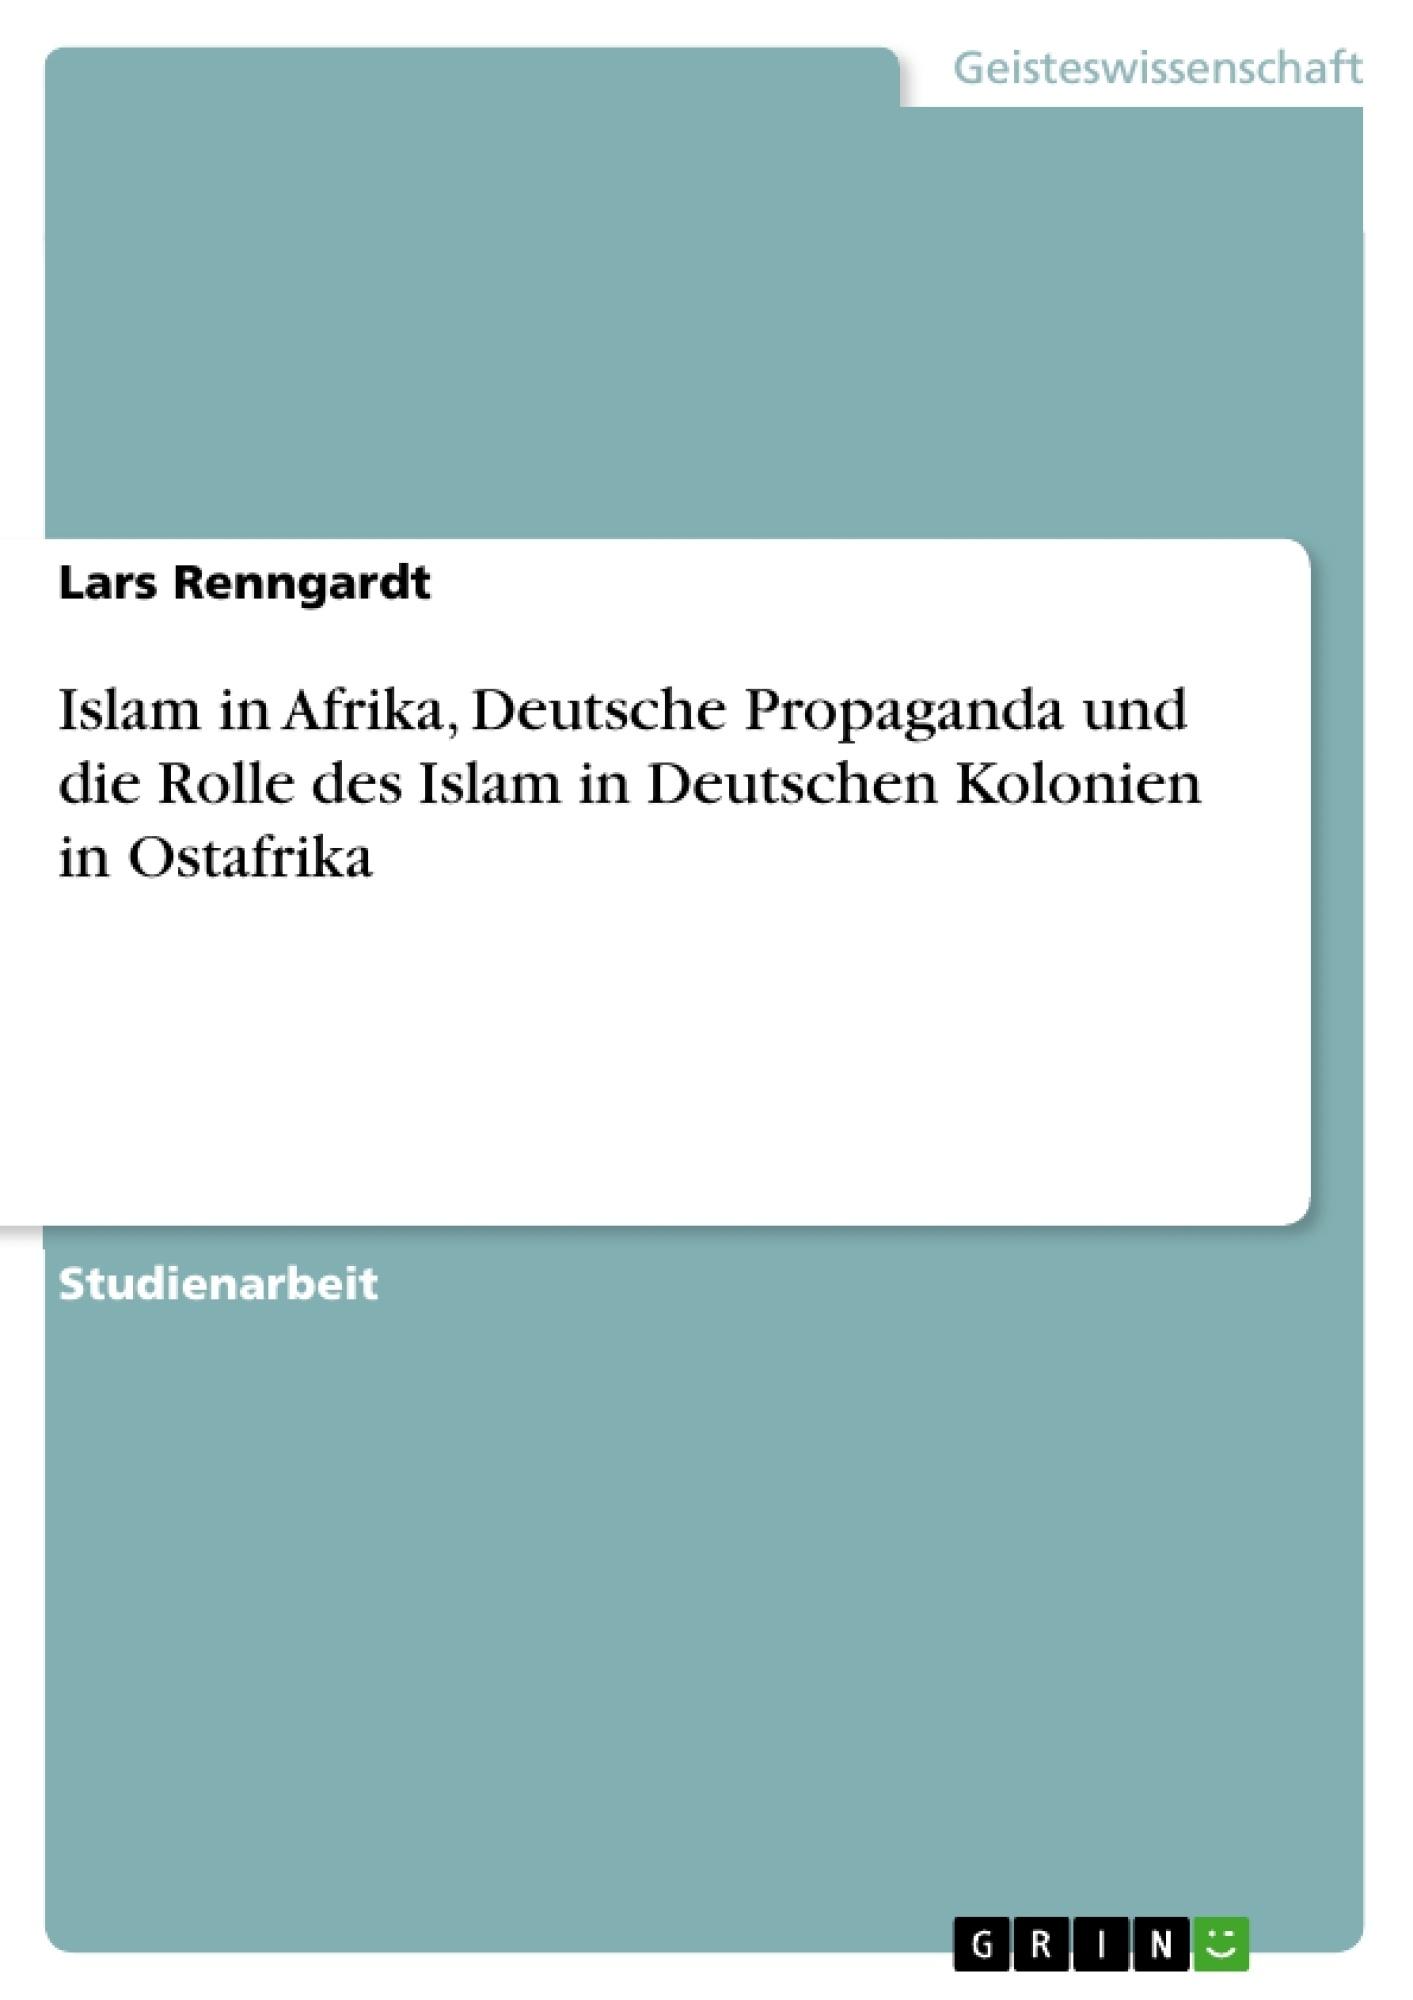 Titel: Islam in Afrika, Deutsche Propaganda und die Rolle des Islam in Deutschen Kolonien in Ostafrika